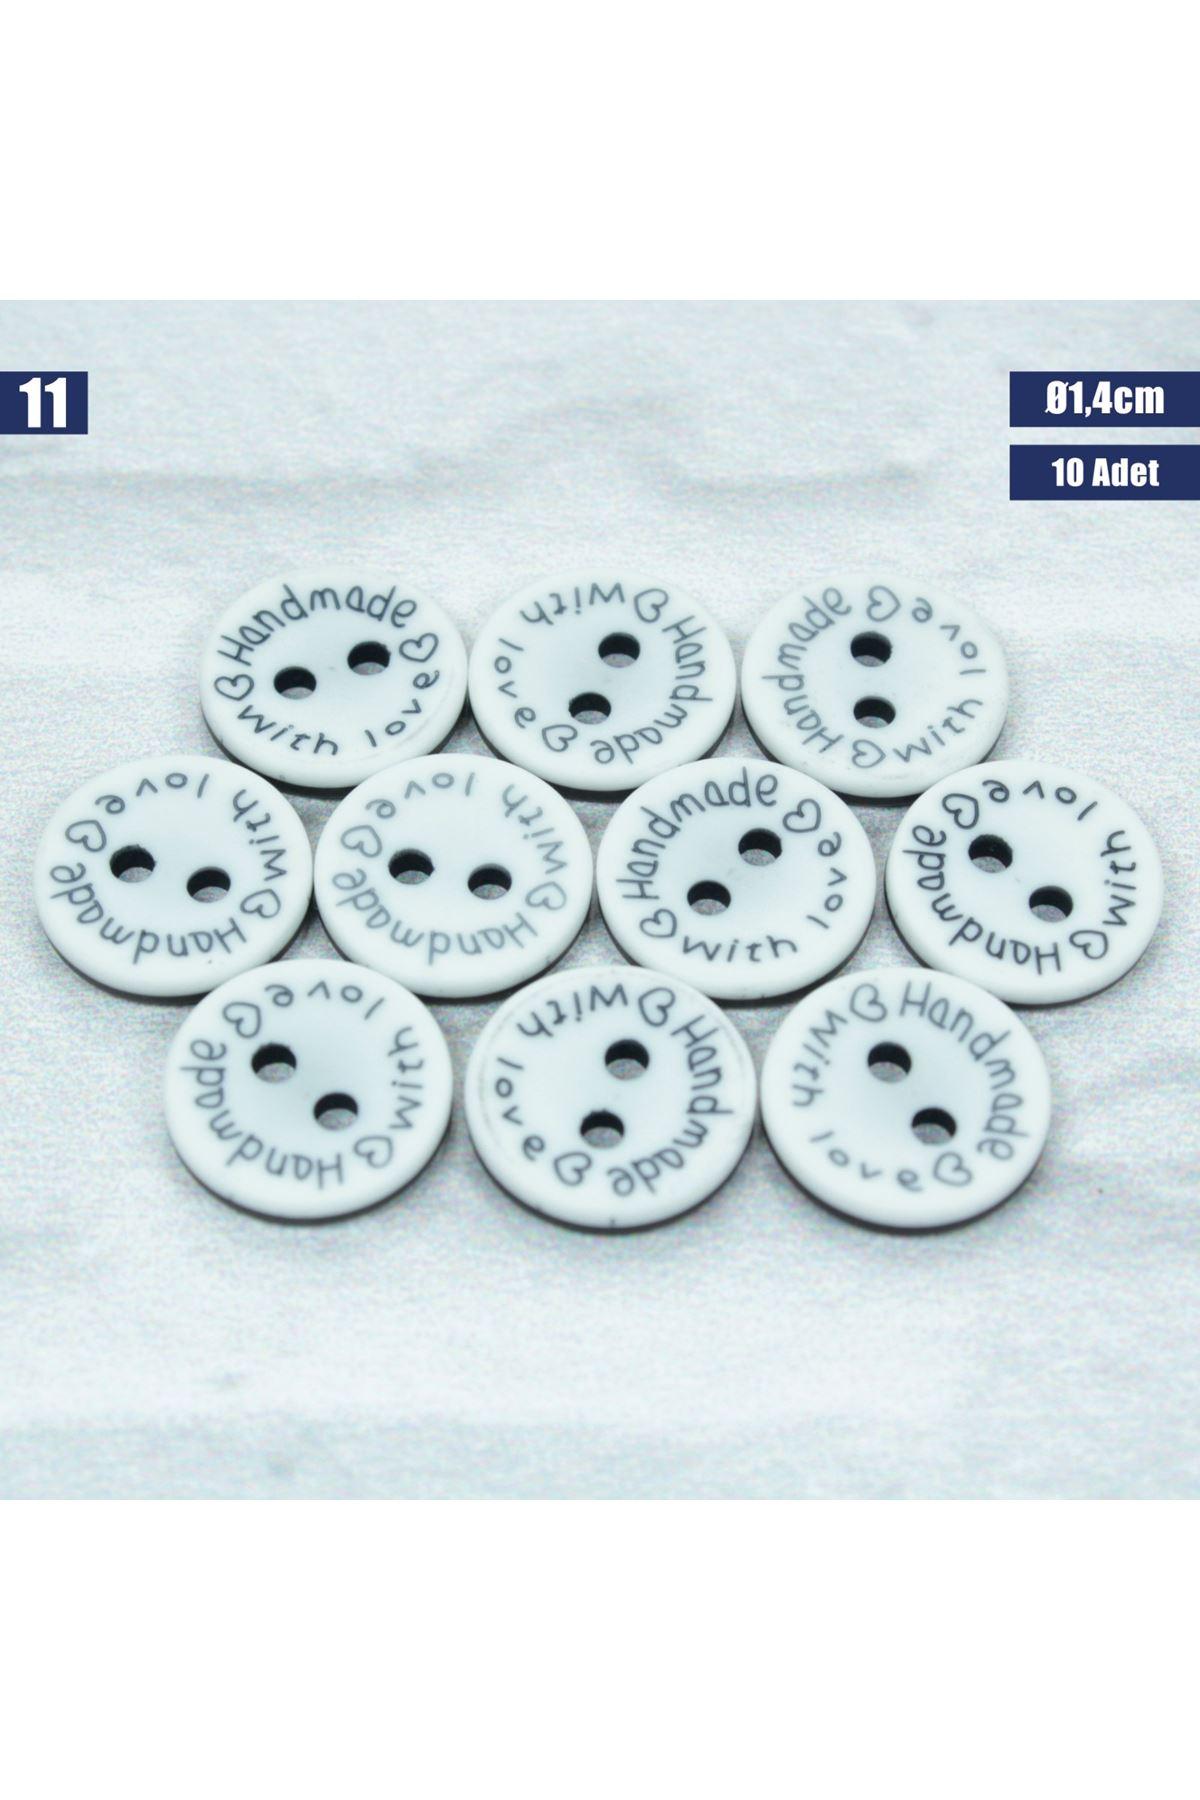 Amigurumi Düğmesi Ø 1,4cm - 11